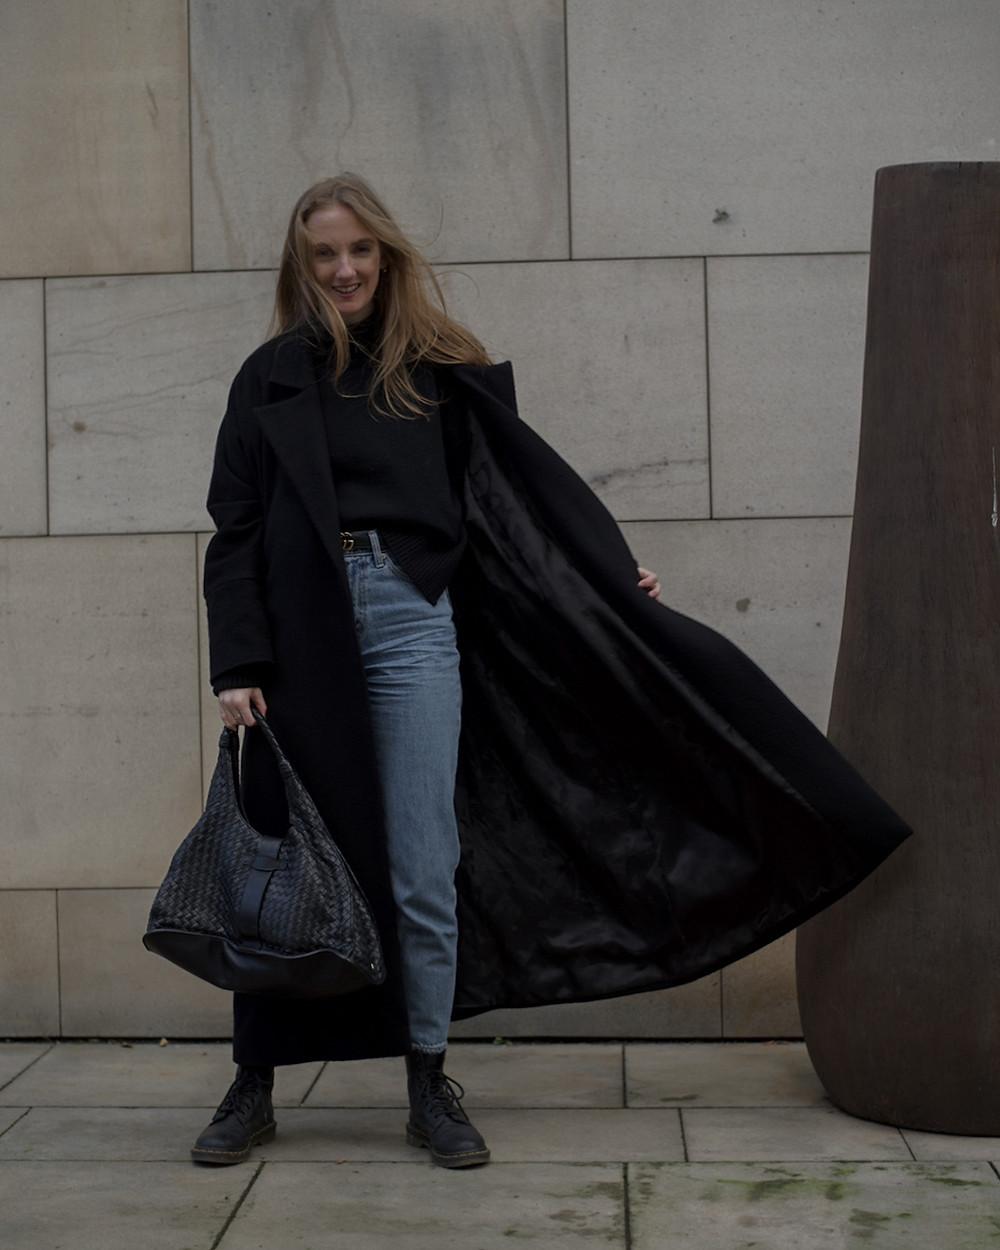 Kabát TAM-ARA // Džíny Levi's // Boty Dr.Martens // Pásek Gucci // Kabelka Bottega Veneta // Svetr Arket